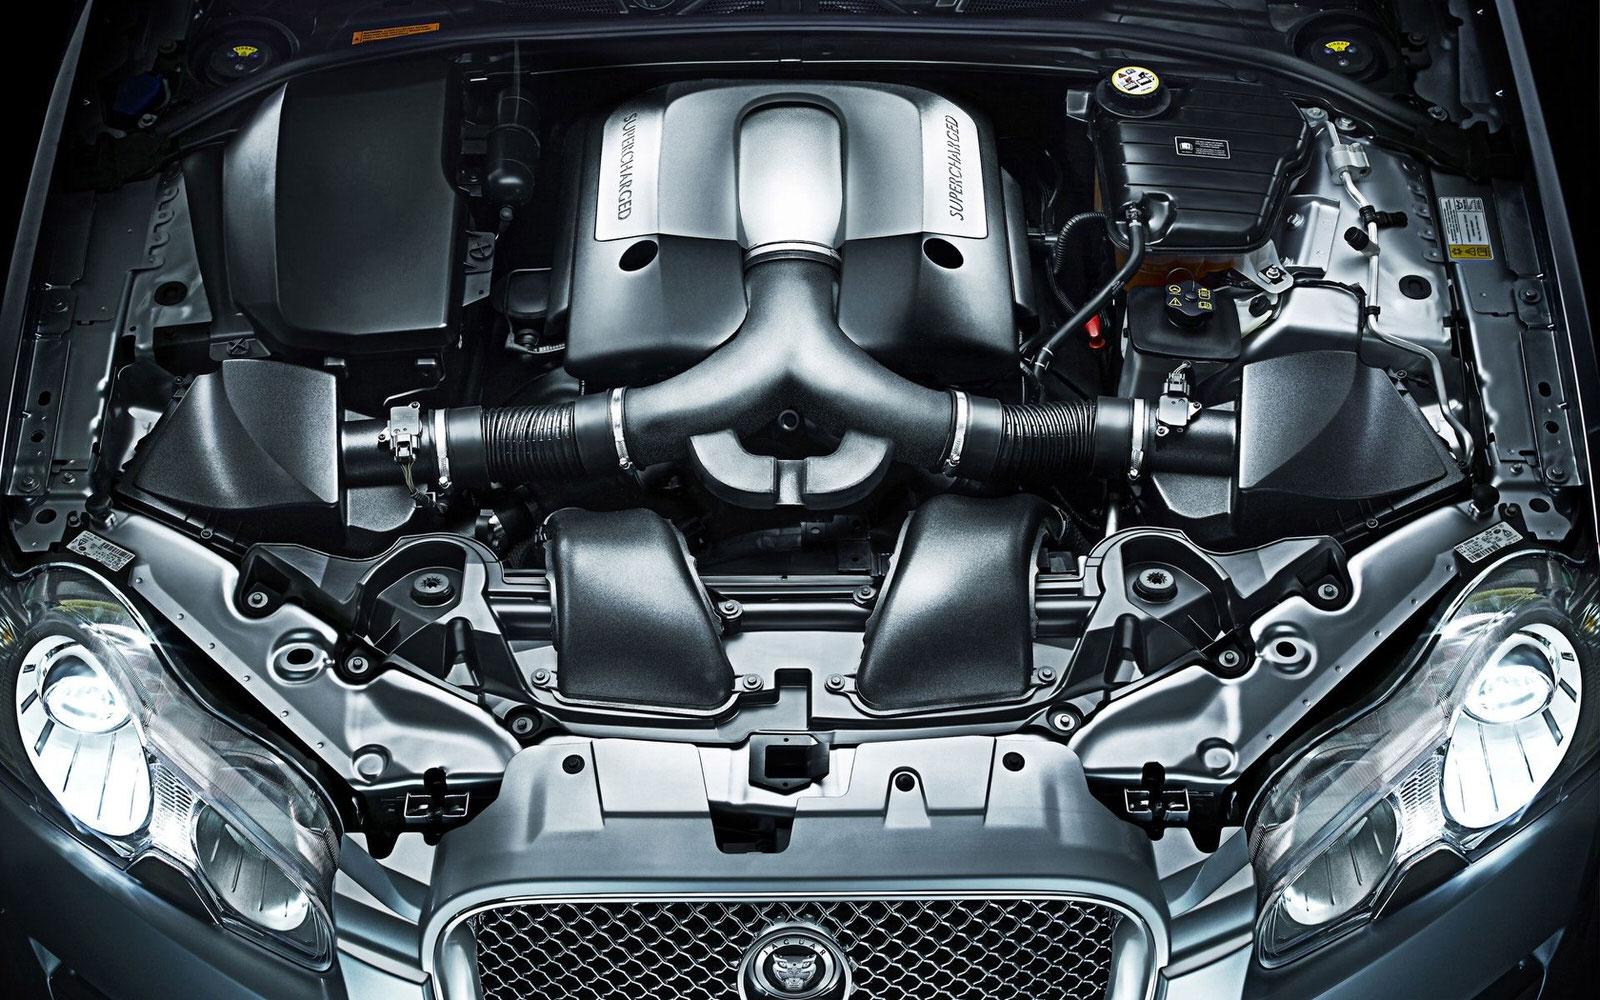 Manutenzione motore auto: consigli per mantenerlo efficiente